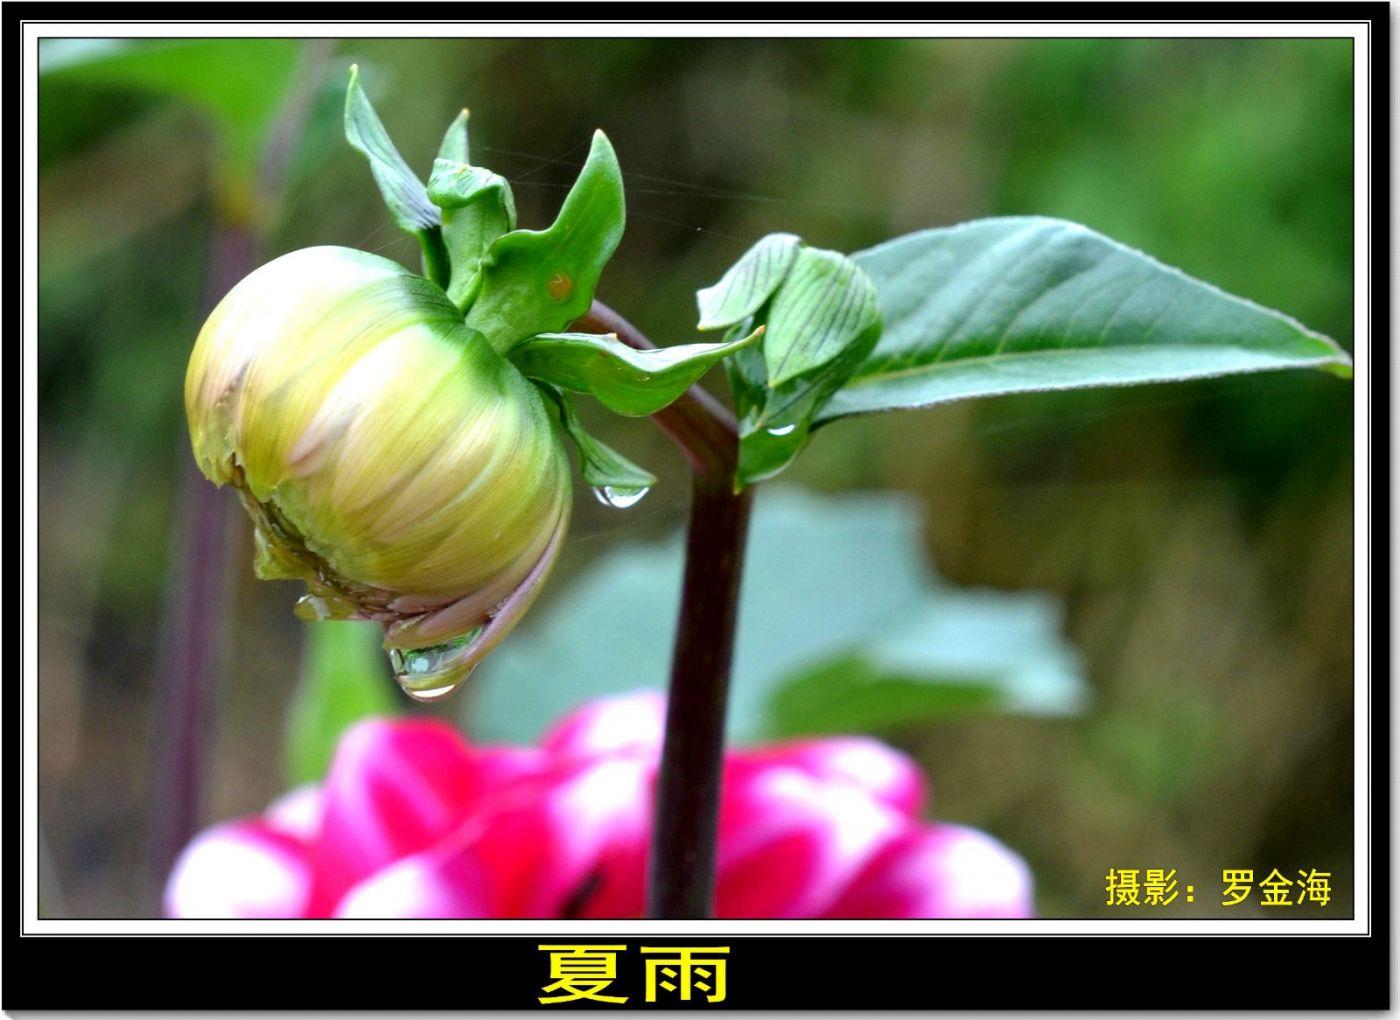 夏雨(七律)_图1-1